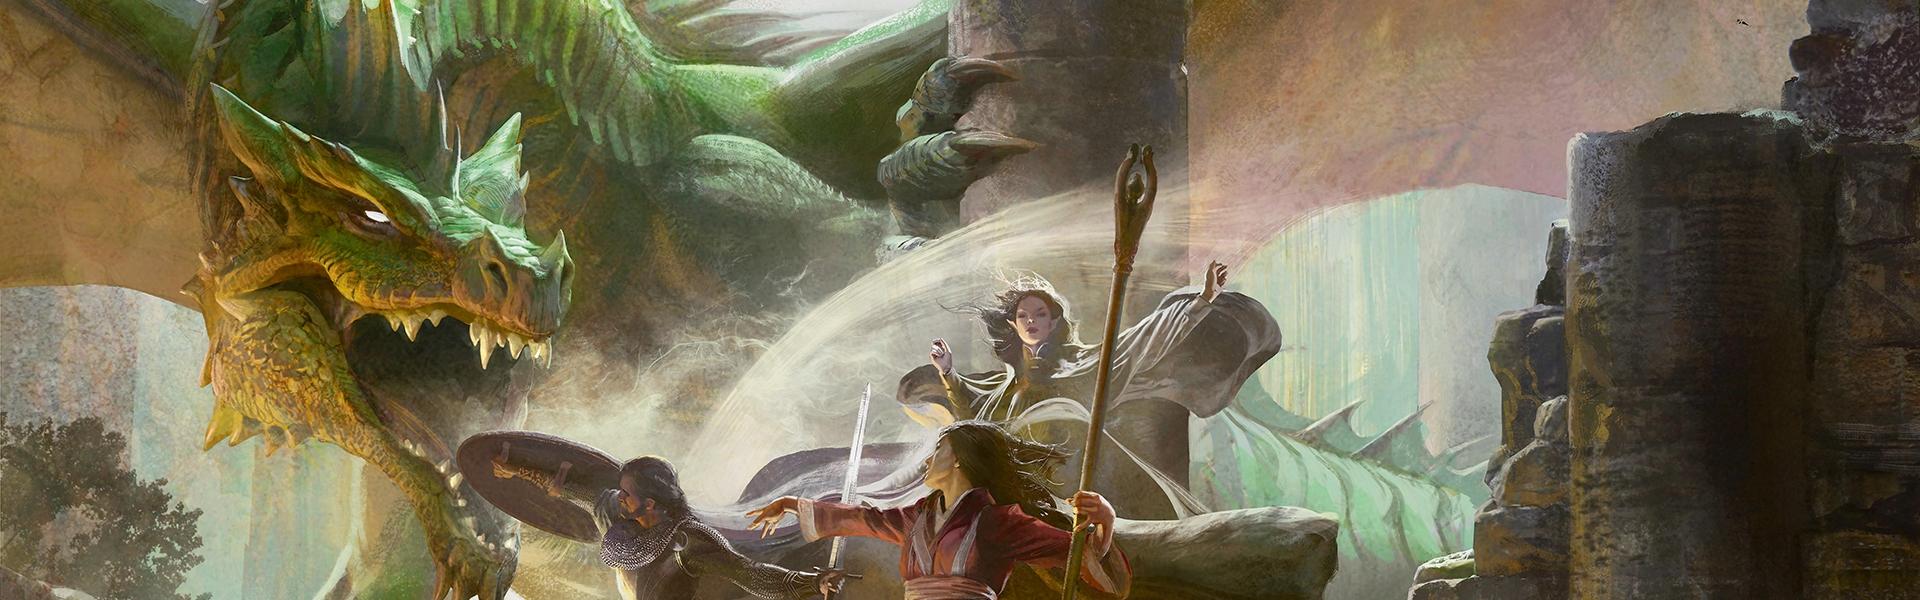 Heroes -- Elminster